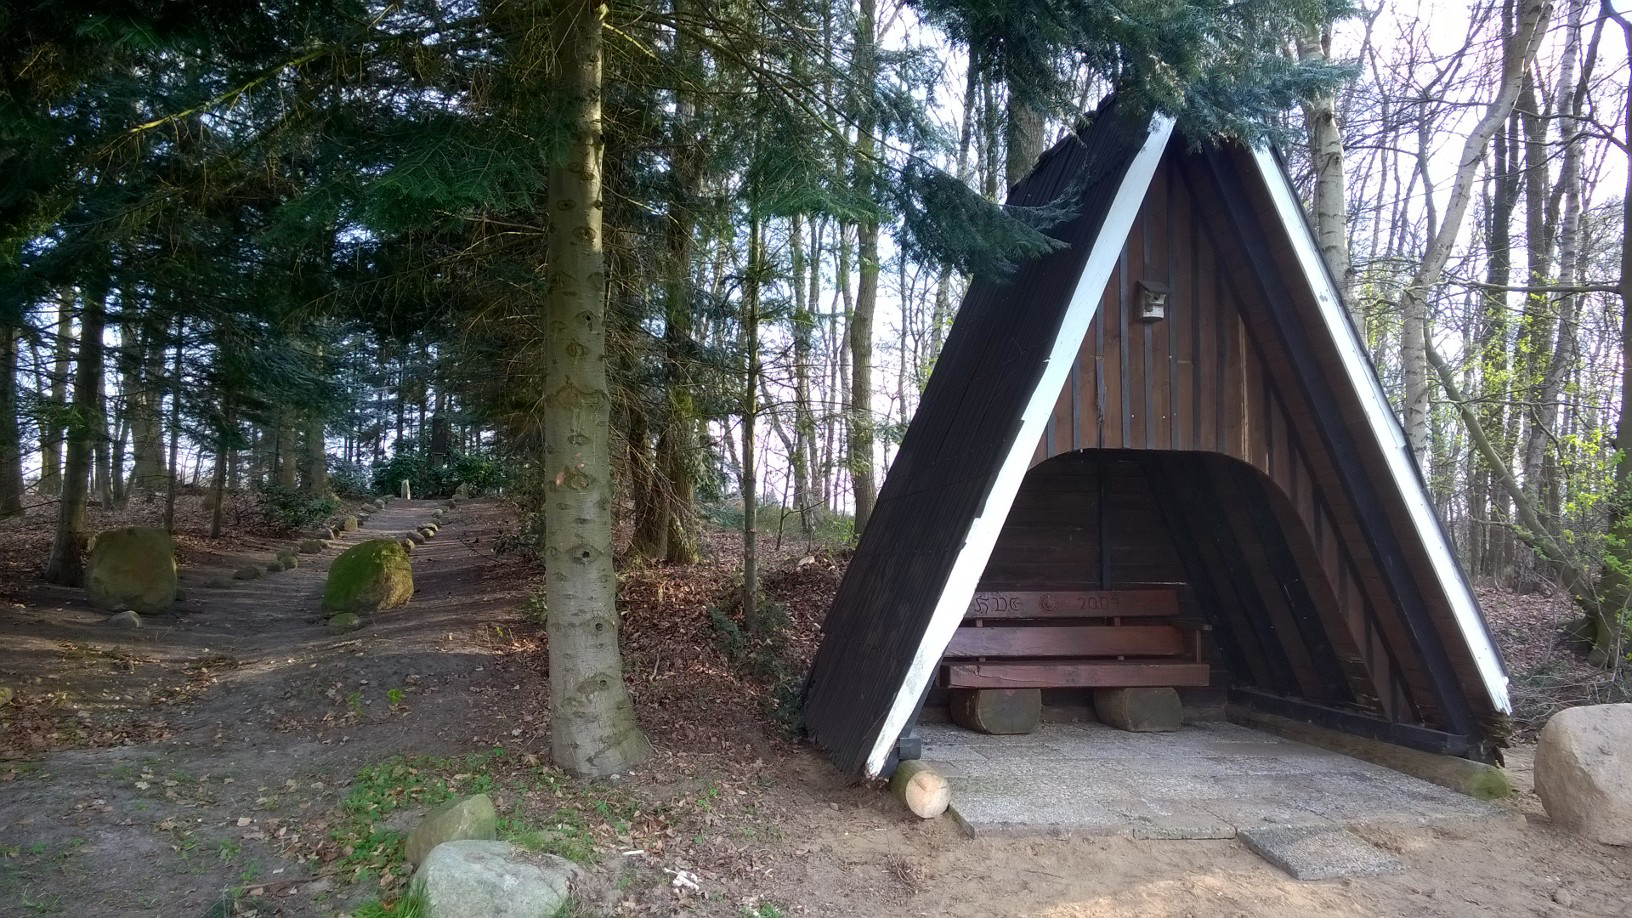 Beim Ehrenmal auf dem Brinkberg in Besten fand die Schutzhütte einen neuen Standort.    Fotos: Georg Geers